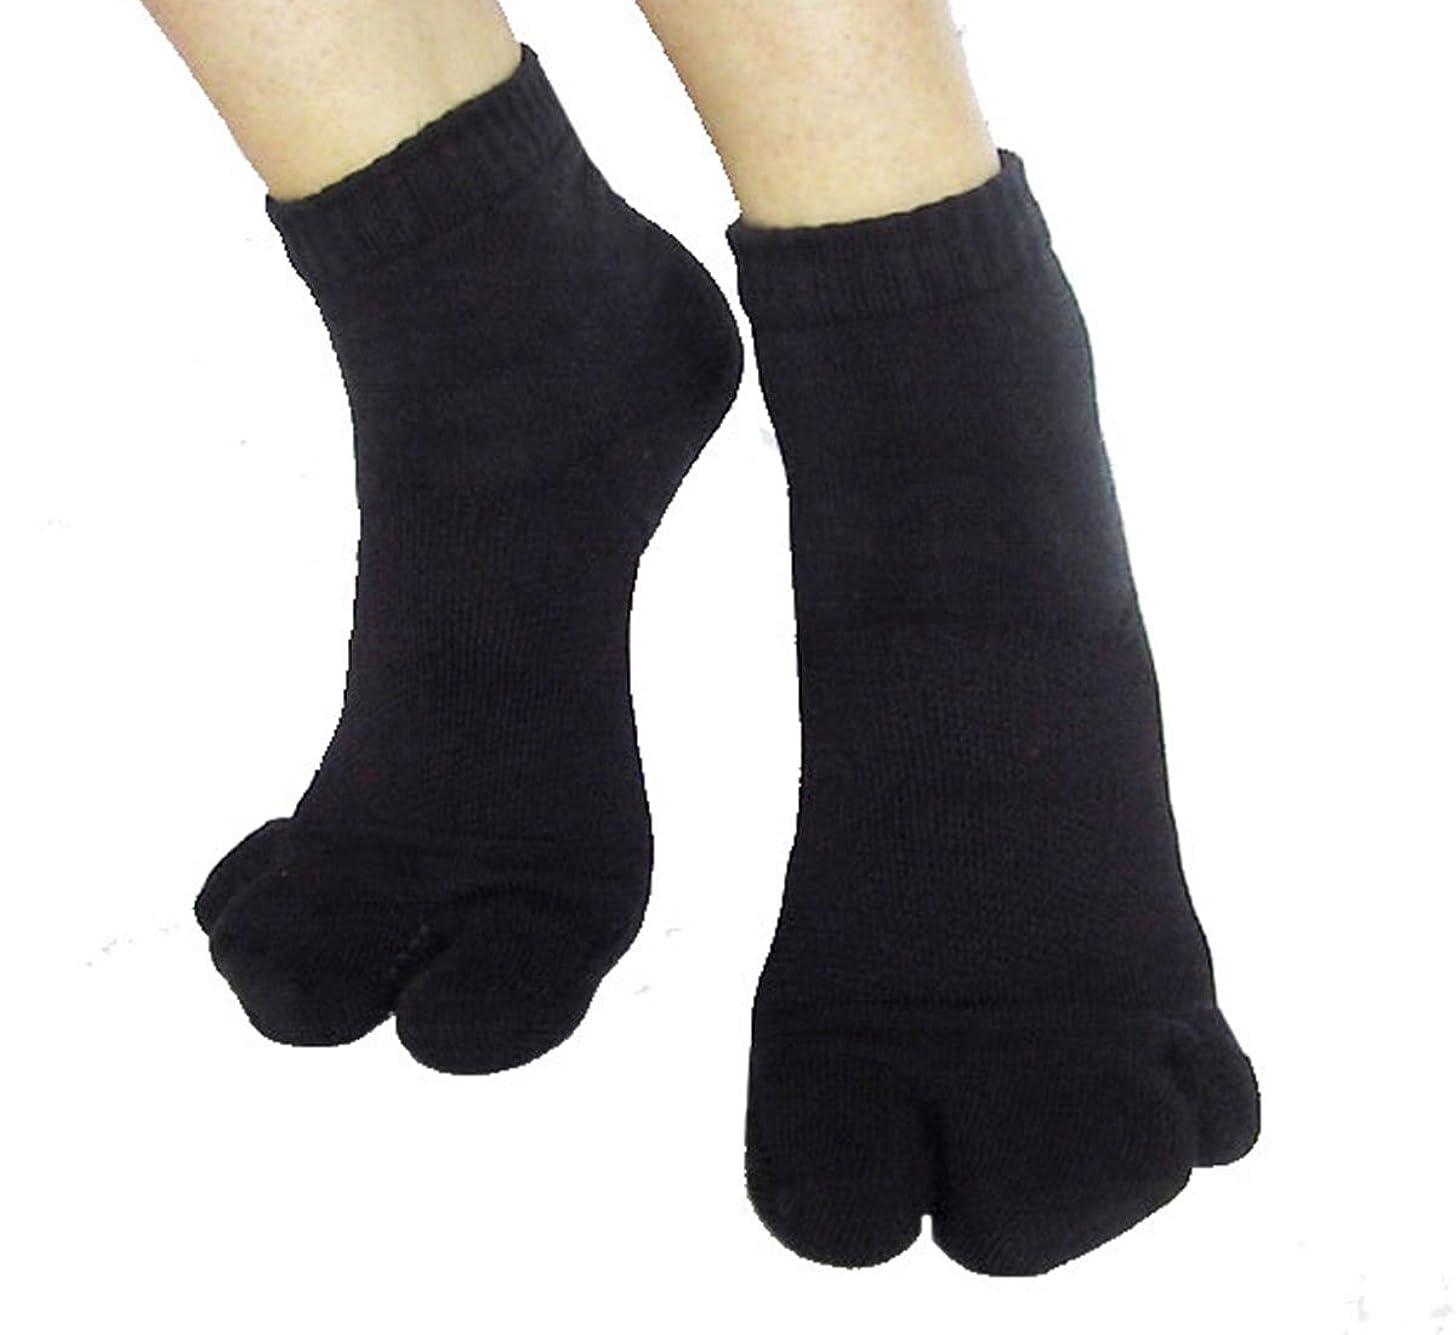 ストレスドラフトクロスカサハラ式サポーター ホソックス3本指テーピング靴下 ブラックL25-26cm